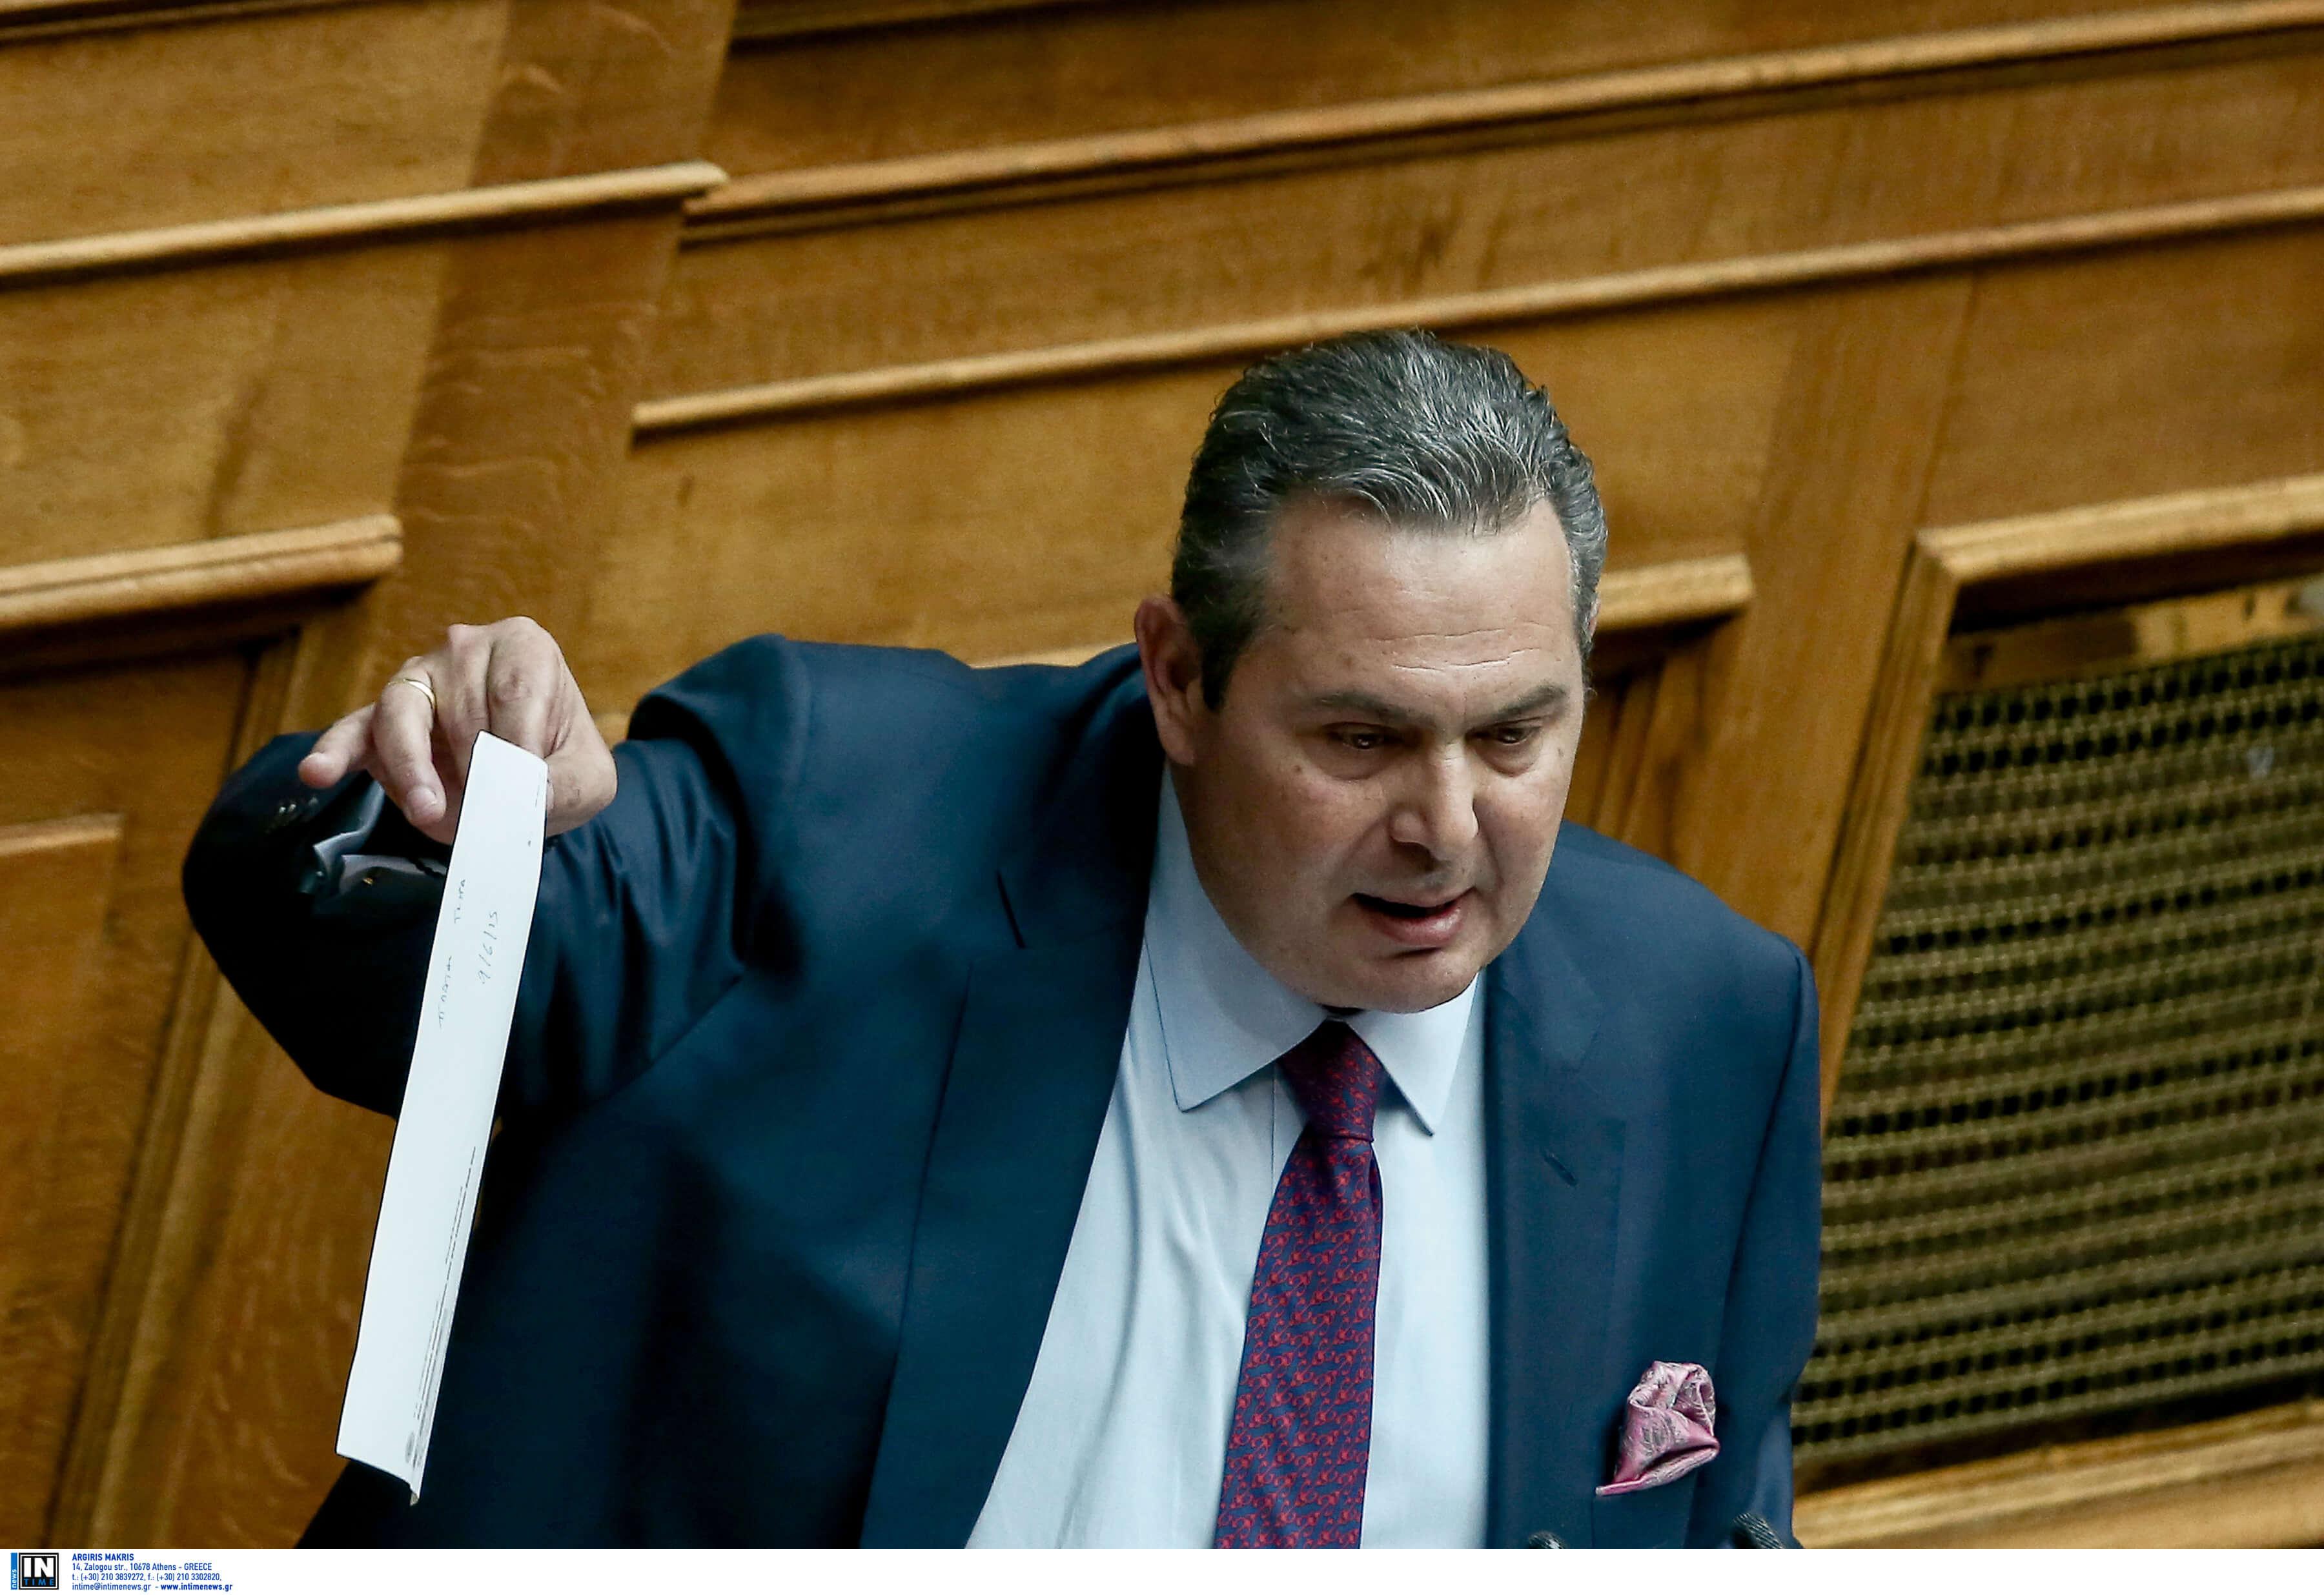 Εκλογές 2019 – Καμμένος: Ο Μαρινάκης ζητούσε από τον Τσίπρα να με διώξει από την κυβέρνηση